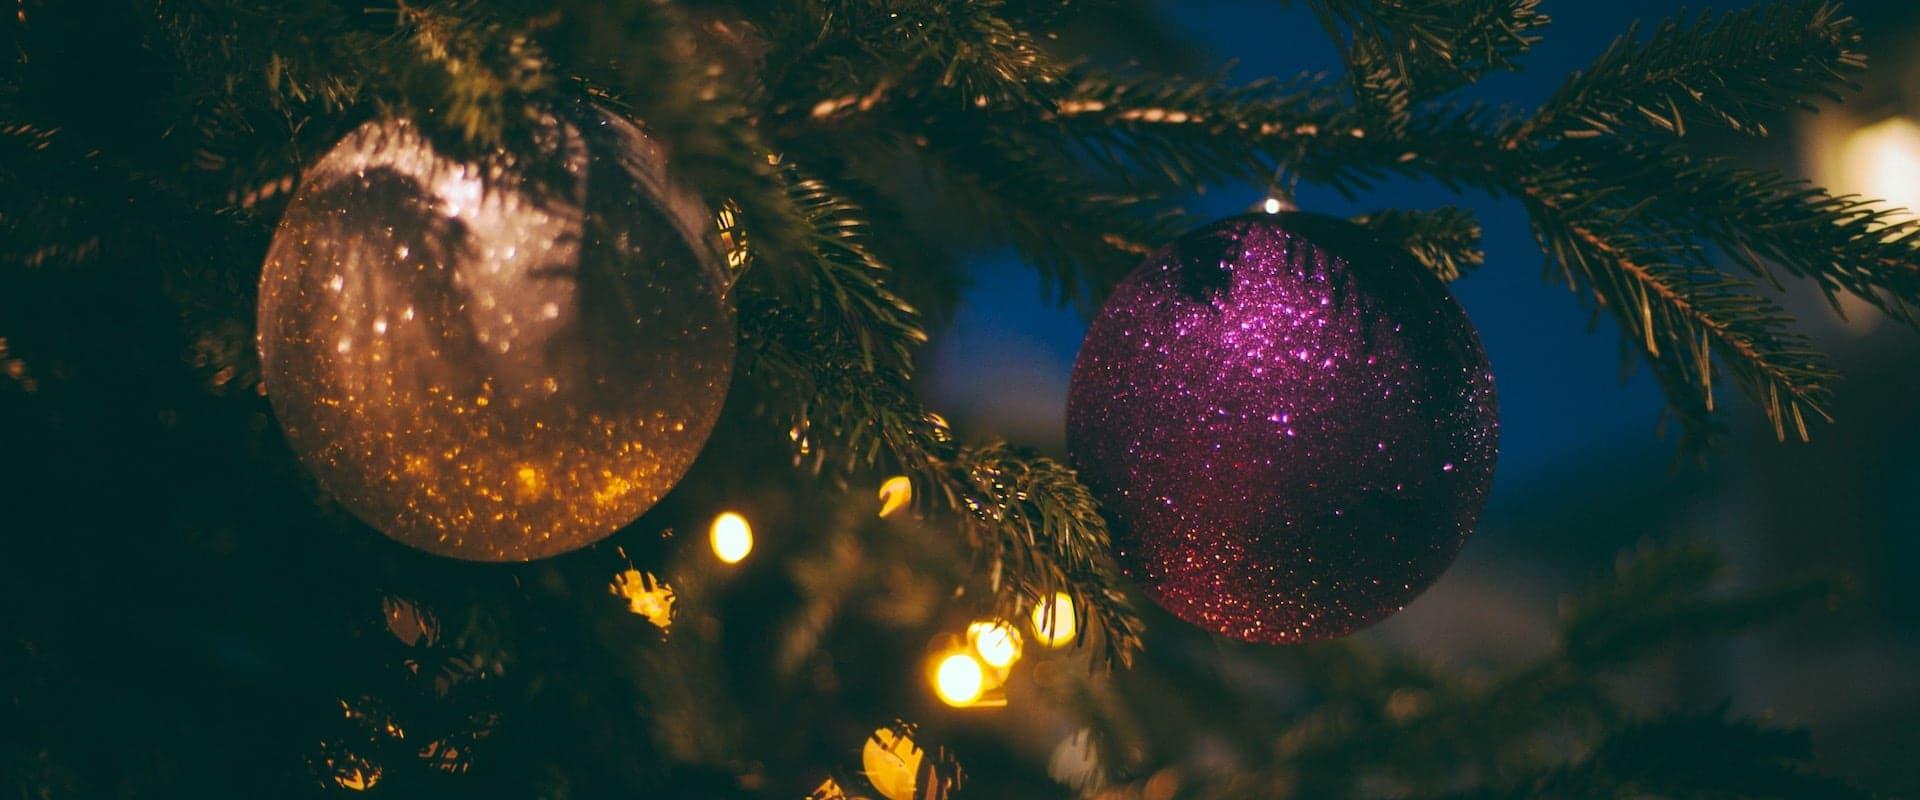 Ausgezeichnet Weihnachtsfarbe Nach Nummer Bedruckbar Ideen ...